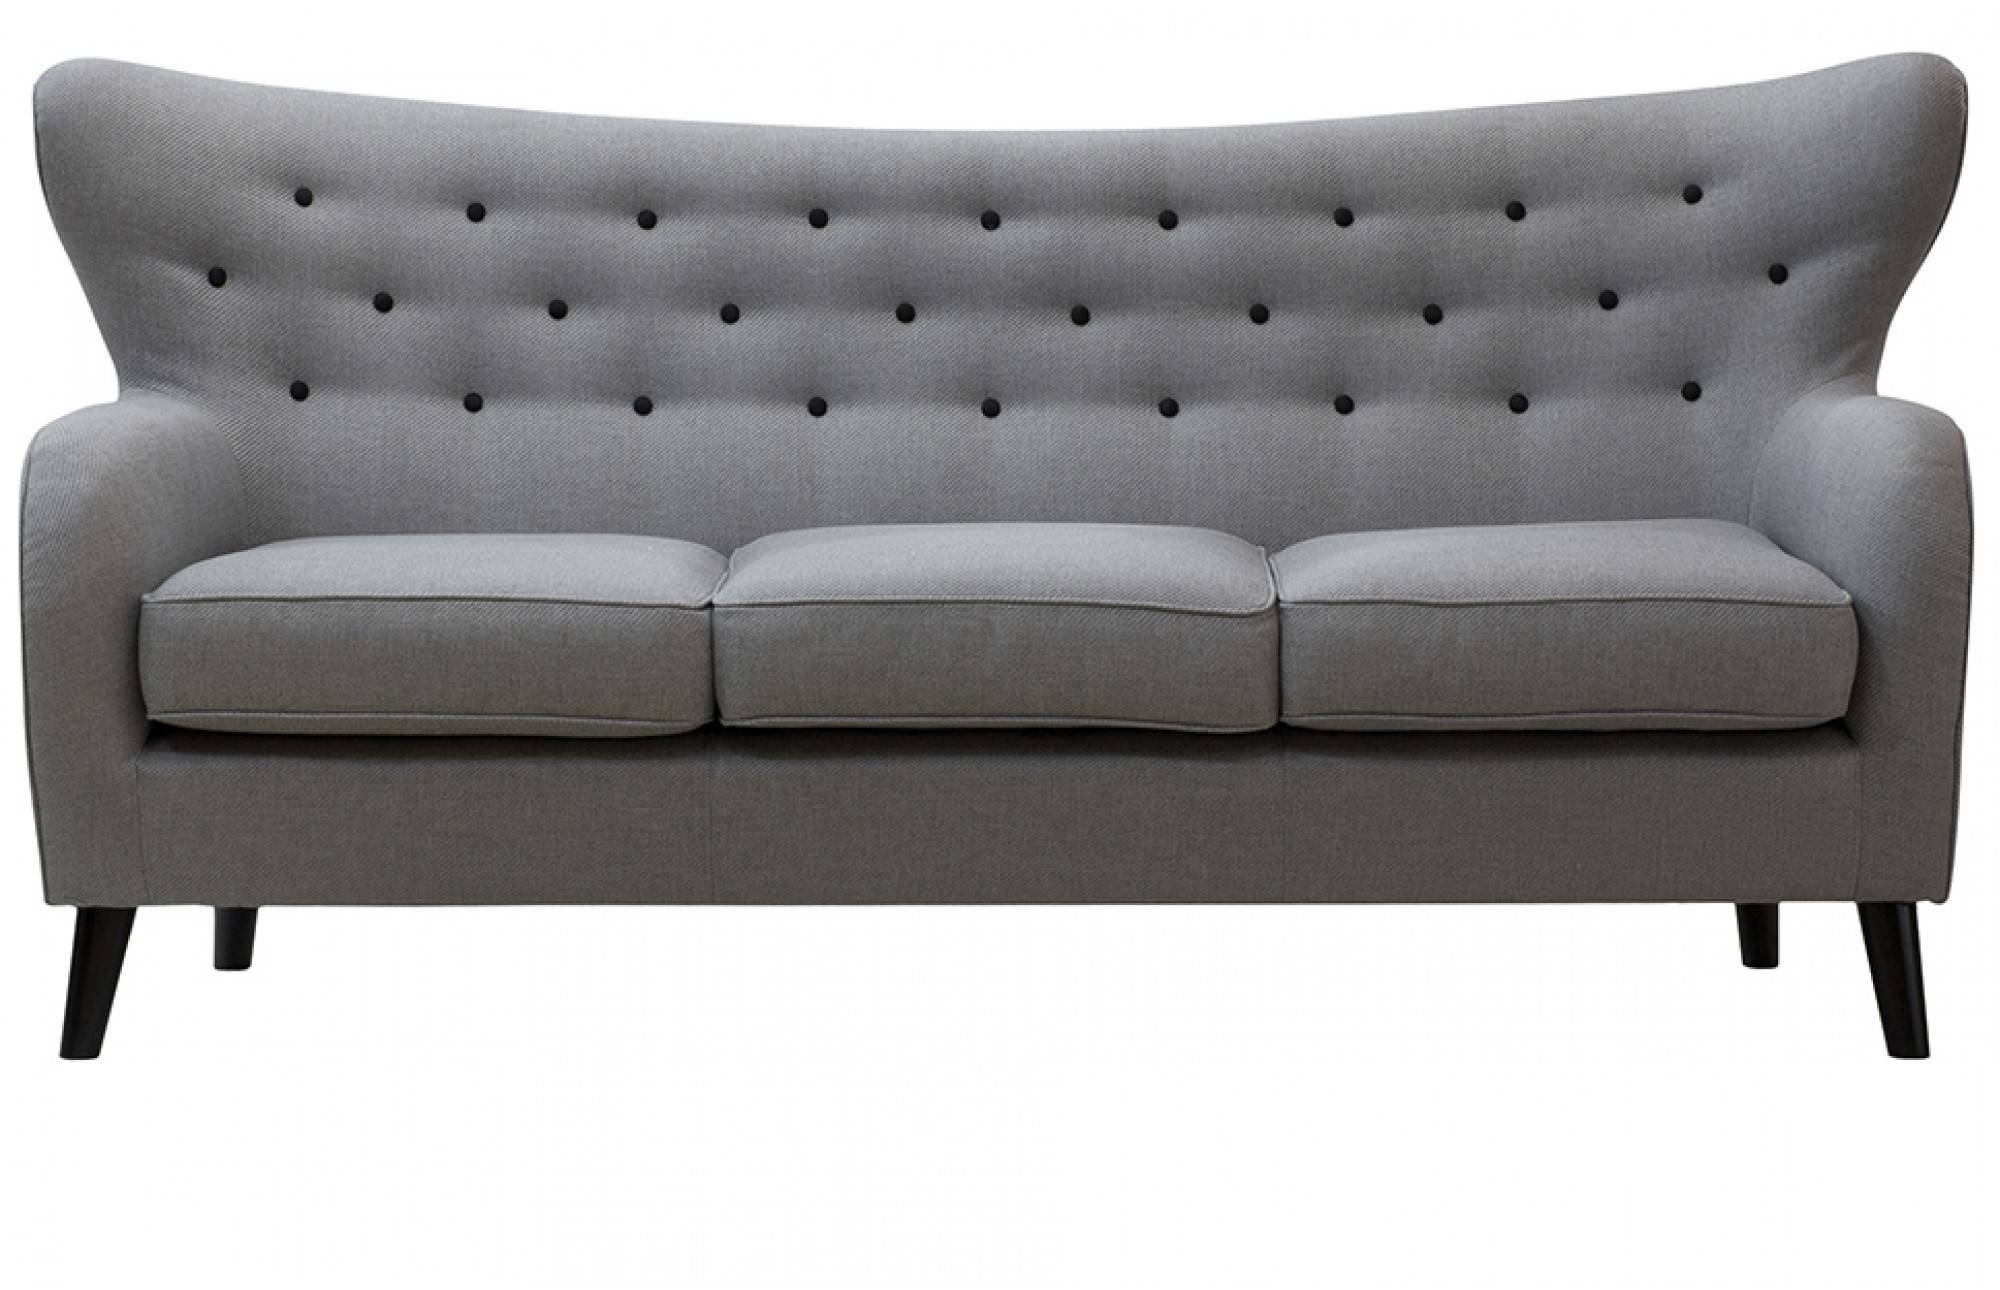 3 Seater Sofas Throughout Three Seater Sofas (Photo 11 of 30)